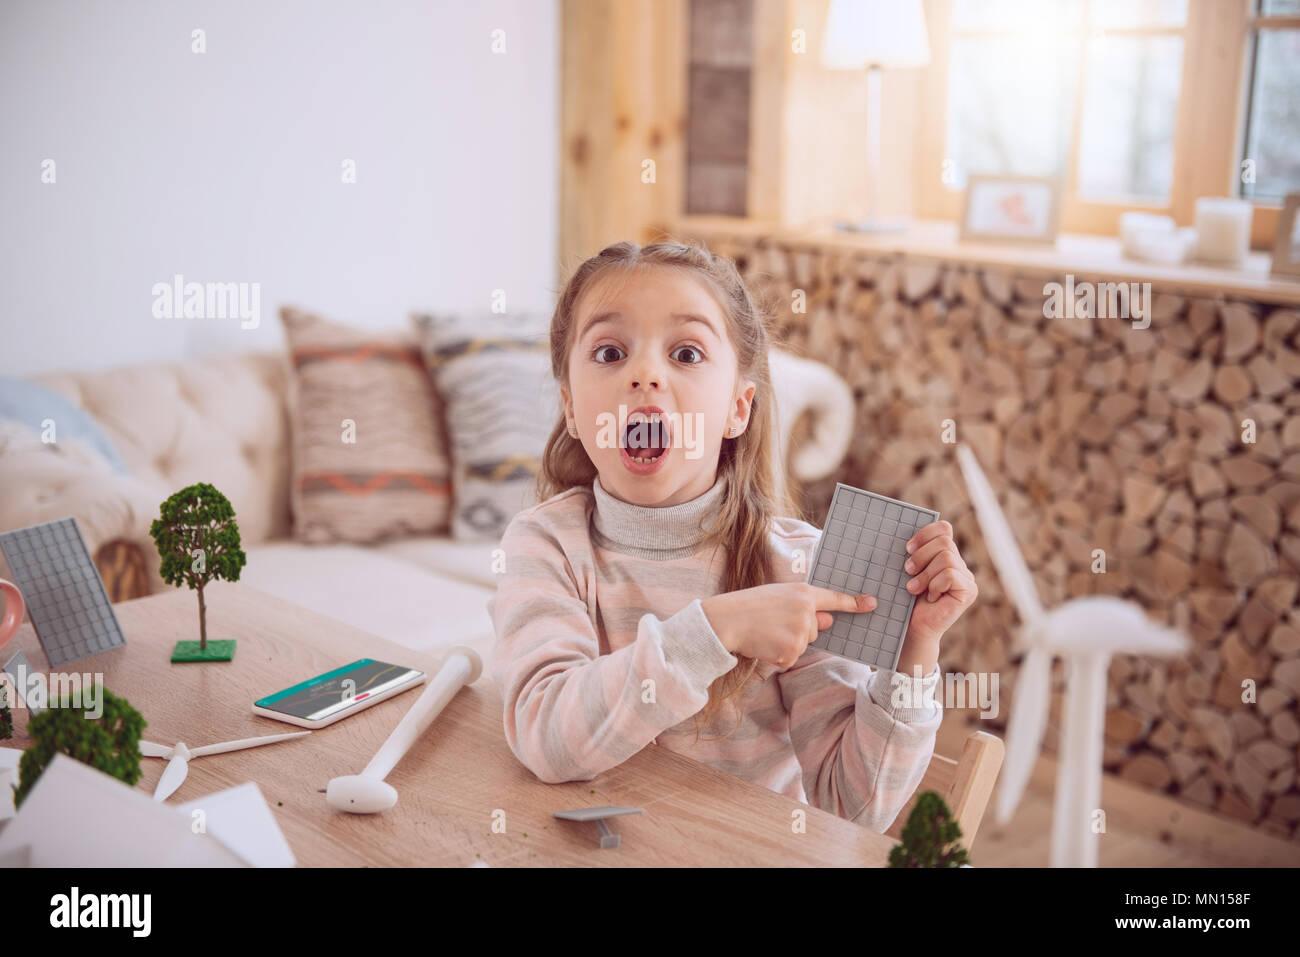 Muy agradable chica apuntando a la batería solar Imagen De Stock